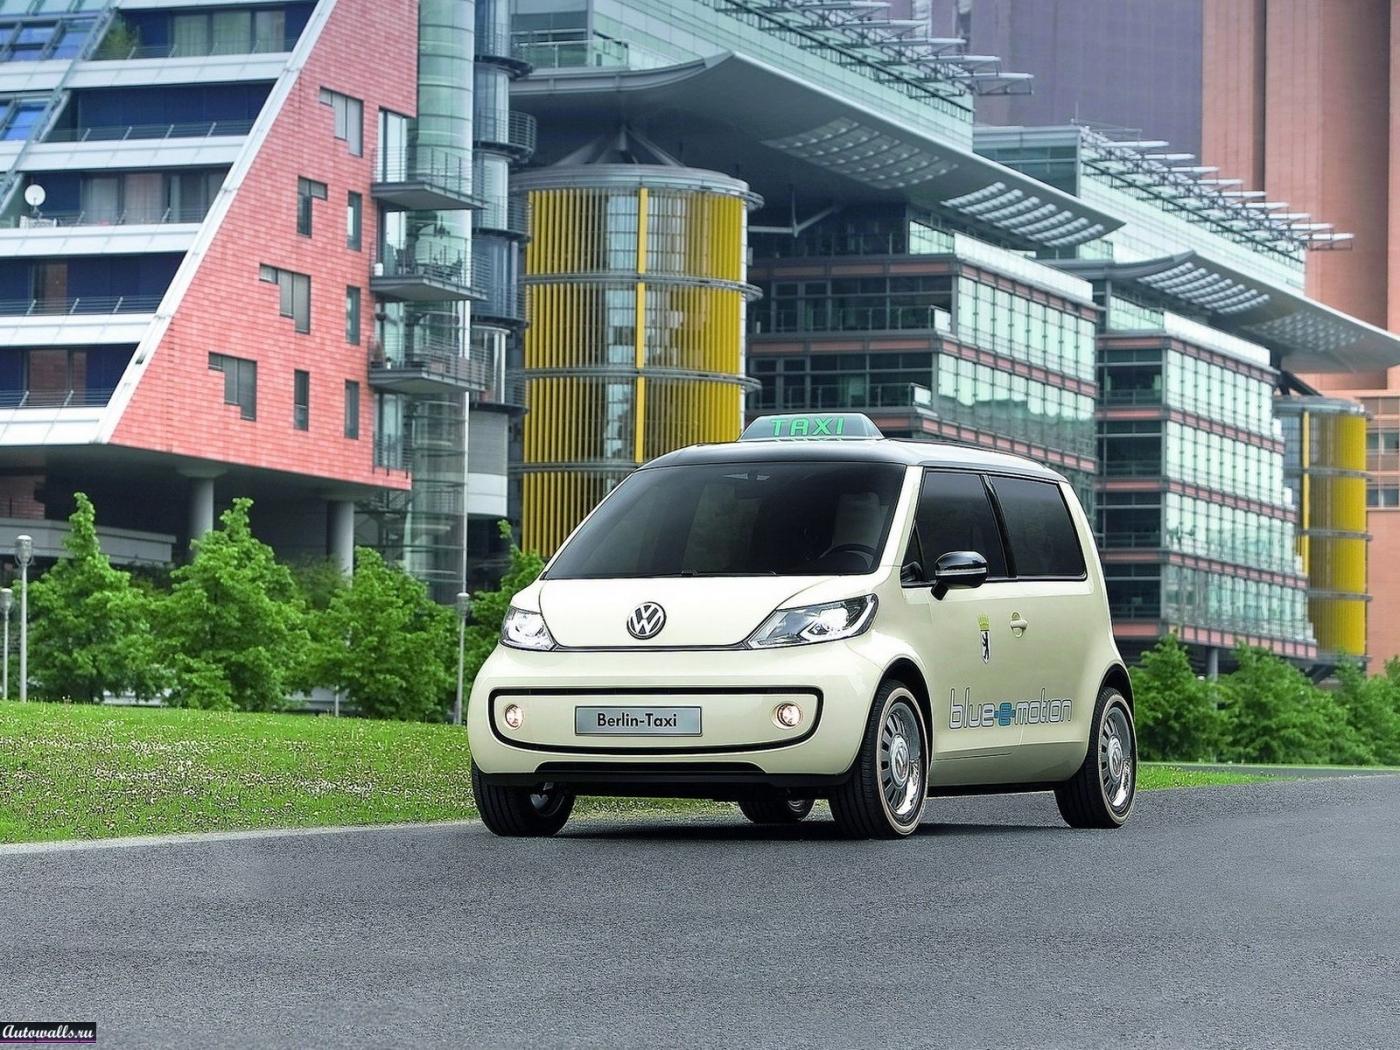 26172 скачать обои Транспорт, Машины, Улицы, Фольксваген (Volkswagen) - заставки и картинки бесплатно